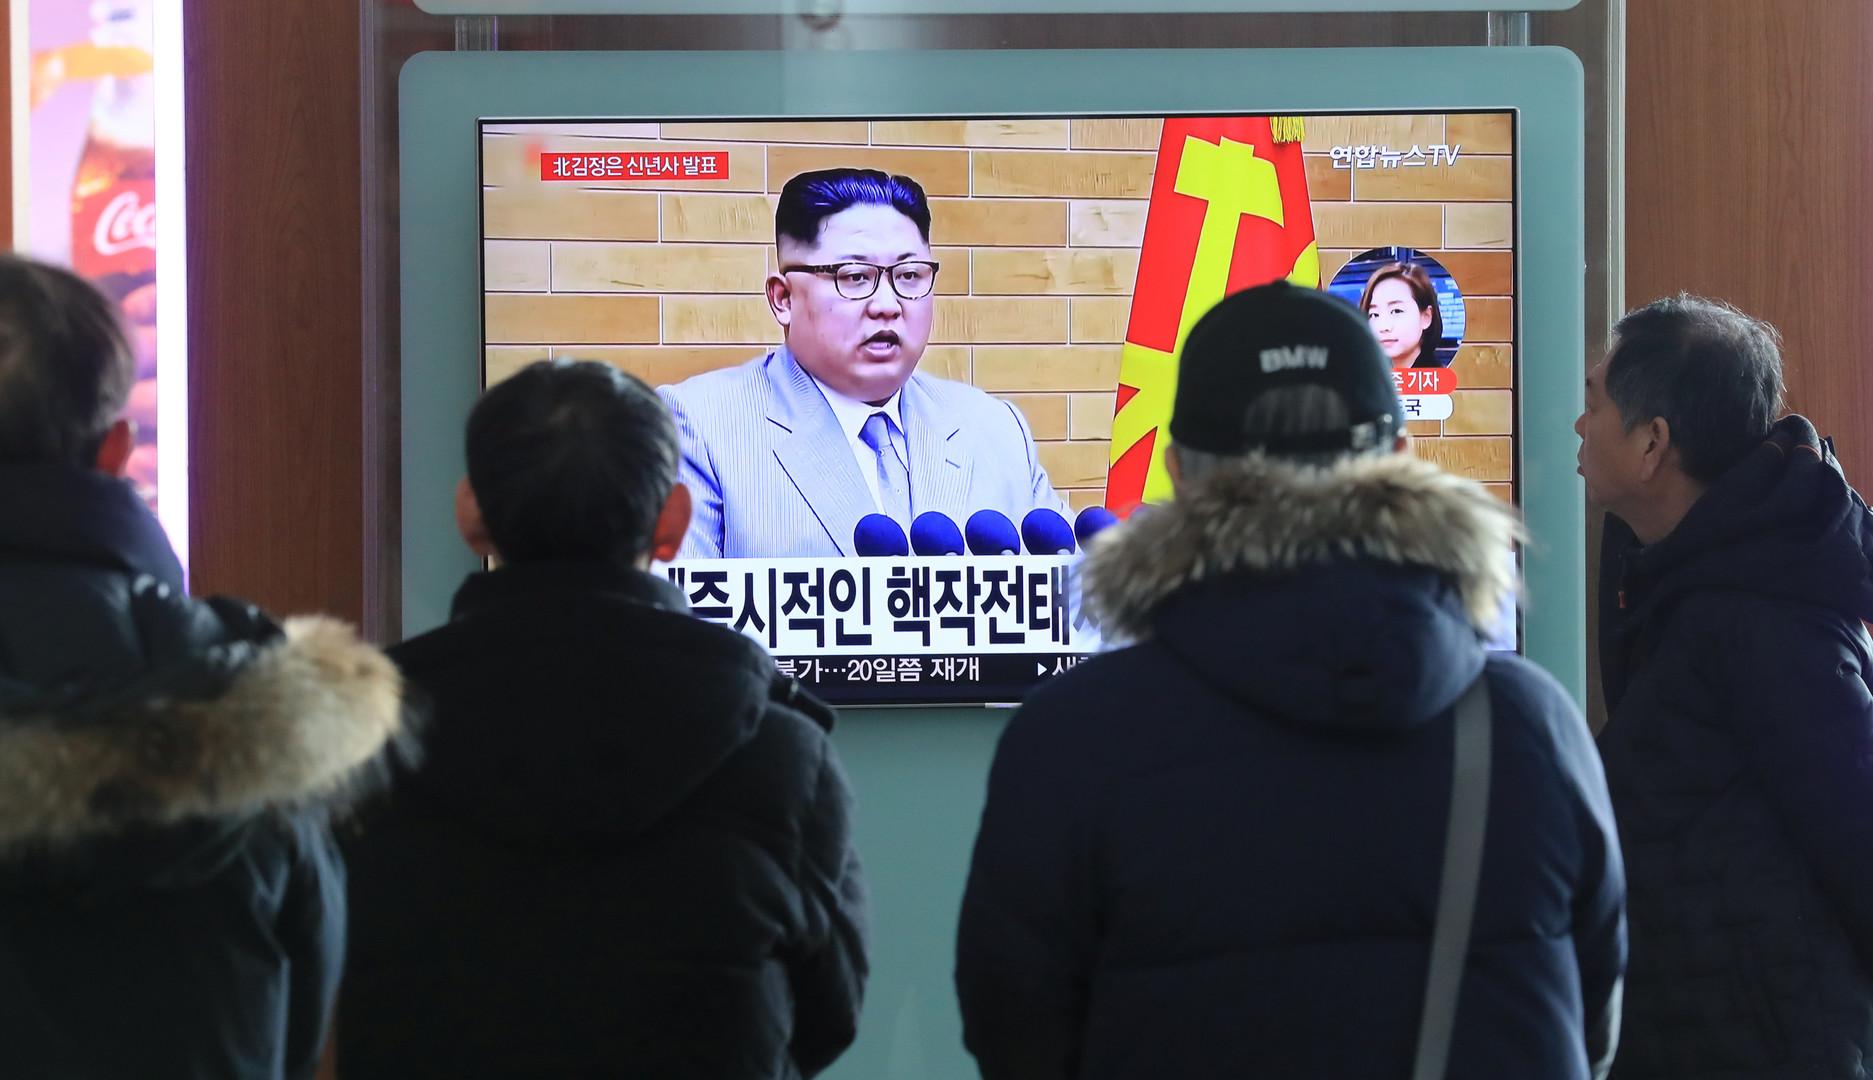 «Не стоит ворошить прошлое»: Пхеньян призвал Южную Корею к нормализации отношений и примирению нации